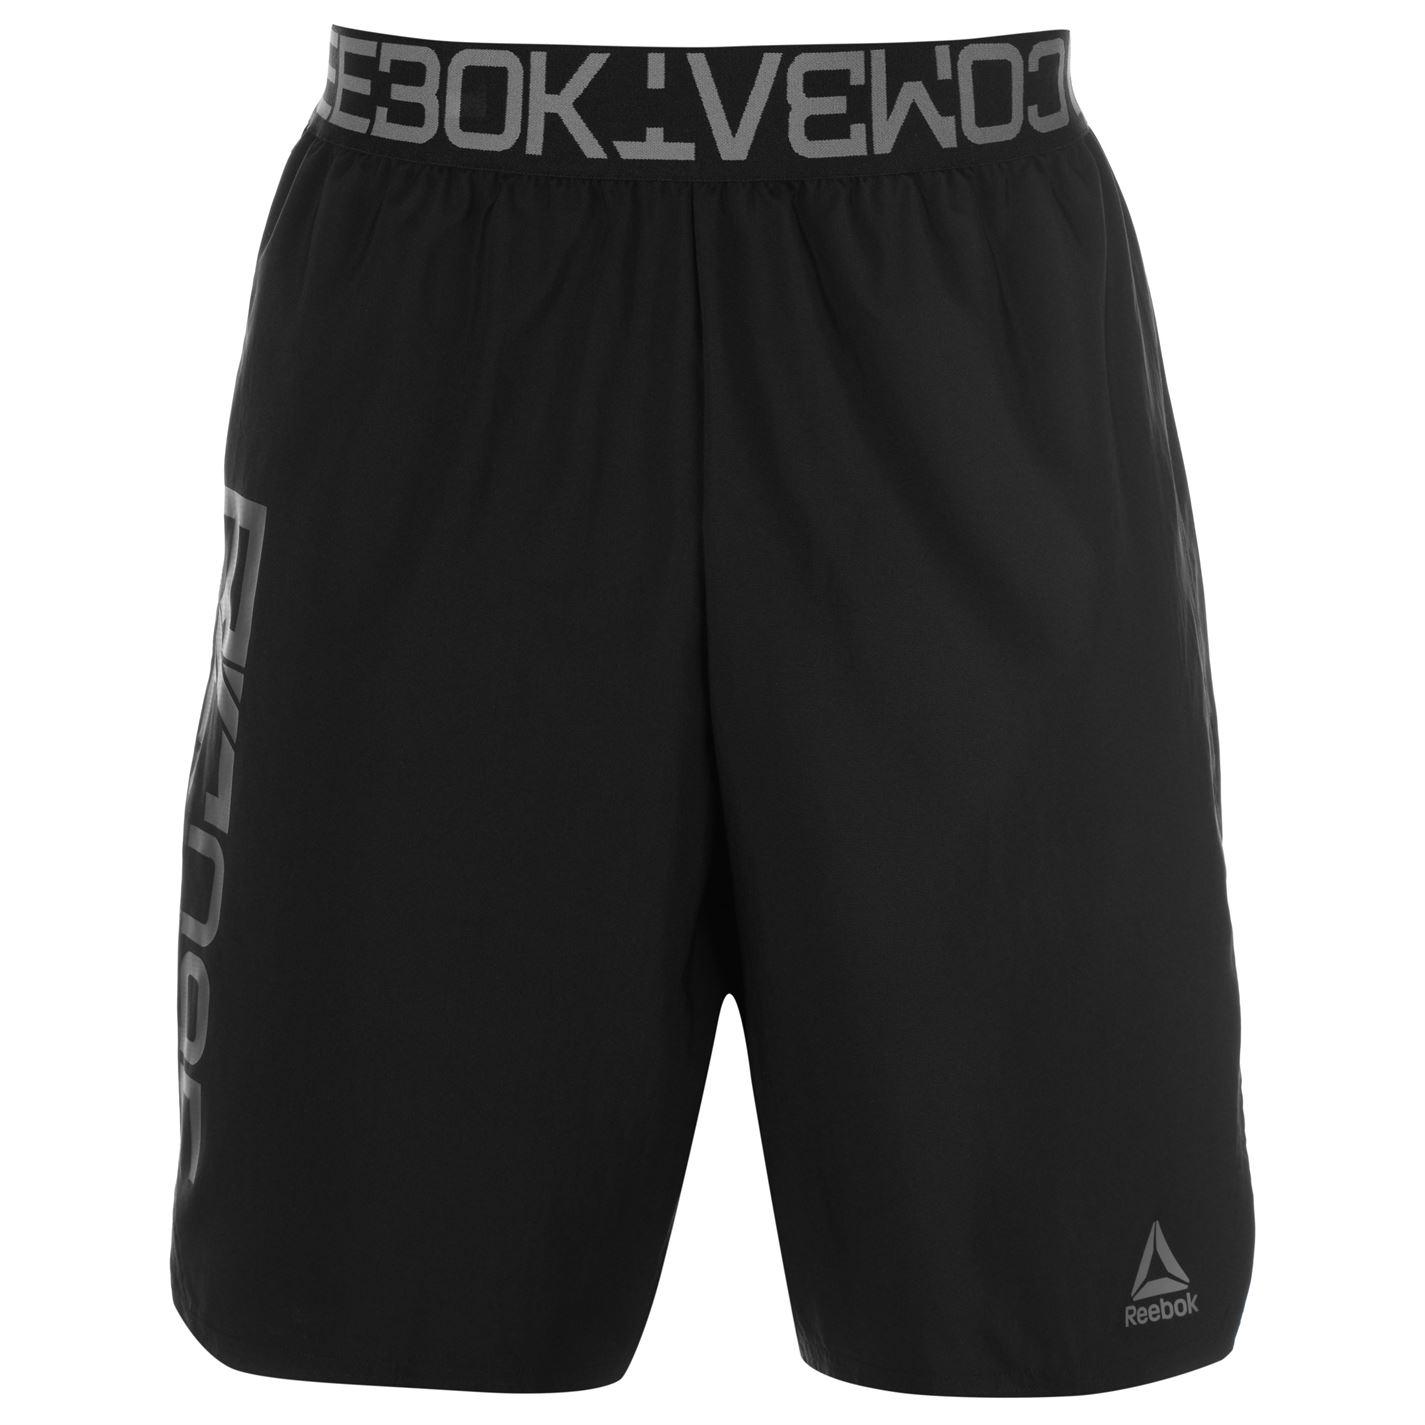 Reebok Boxing Shorts Mens